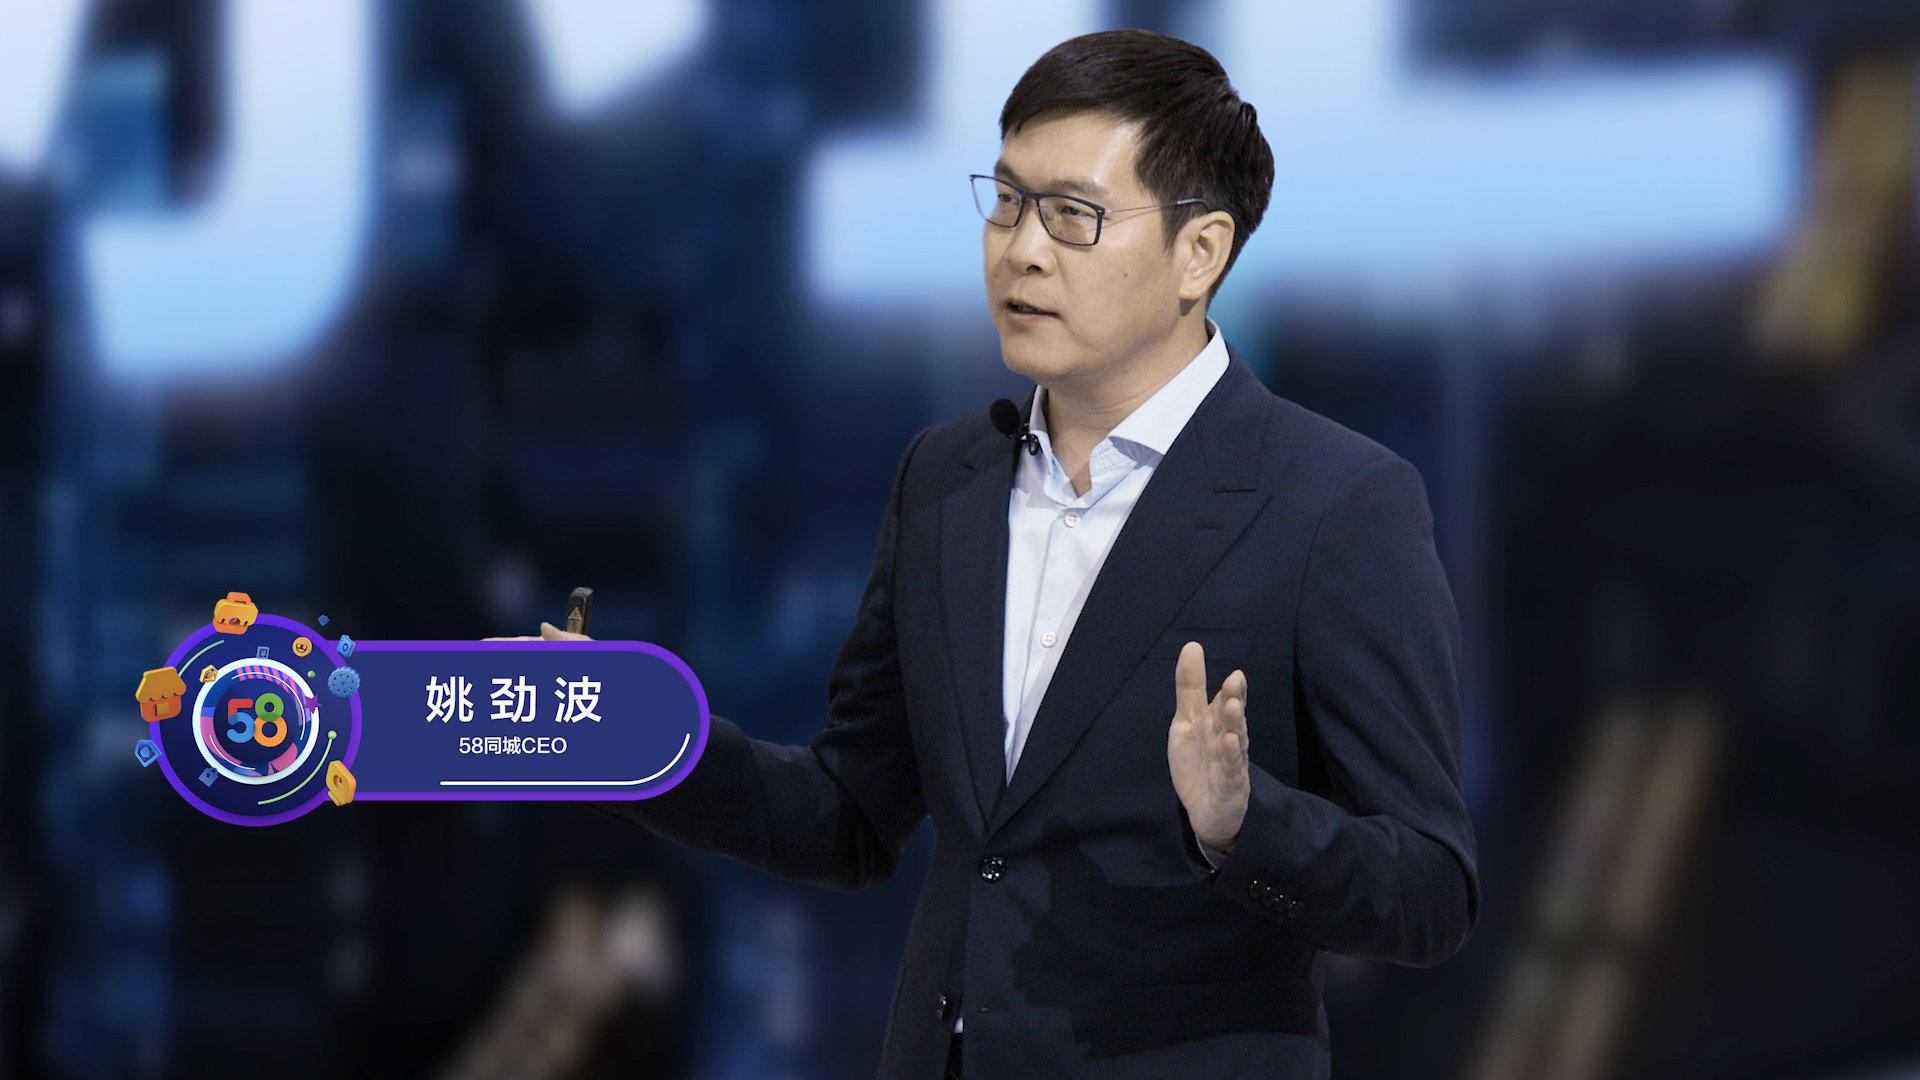 58同城姚劲波:逆势加大市场投放 发展AI、大数据等产品